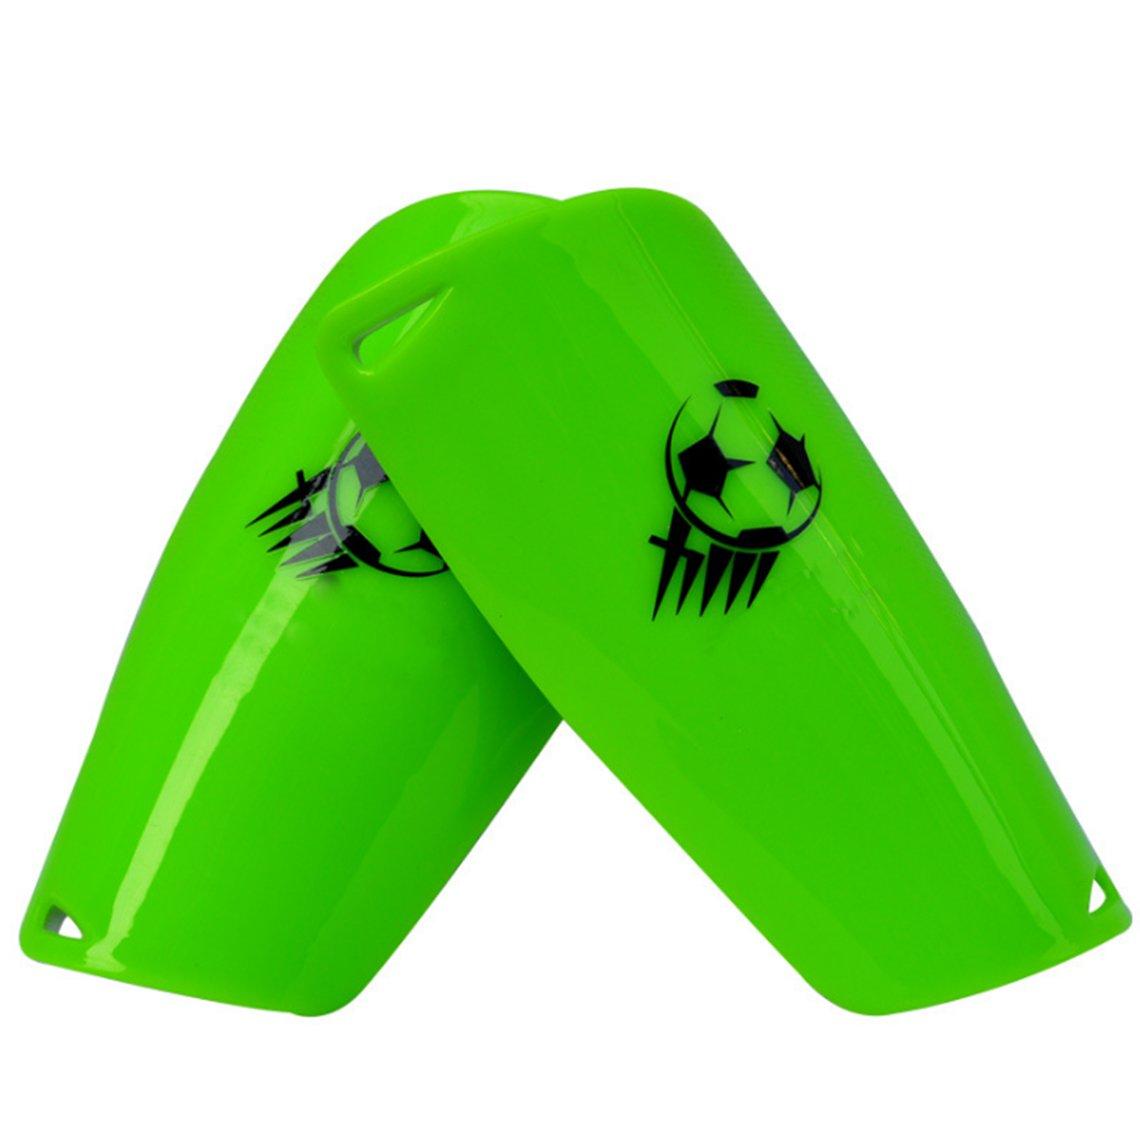 サッカーすね当てaccelift脚ふくらはぎ保護Shinパッドサポートサッカーアクセサリー軽量快適な耐久性、子Boys Girls Youth B073R8R93Xグリーン